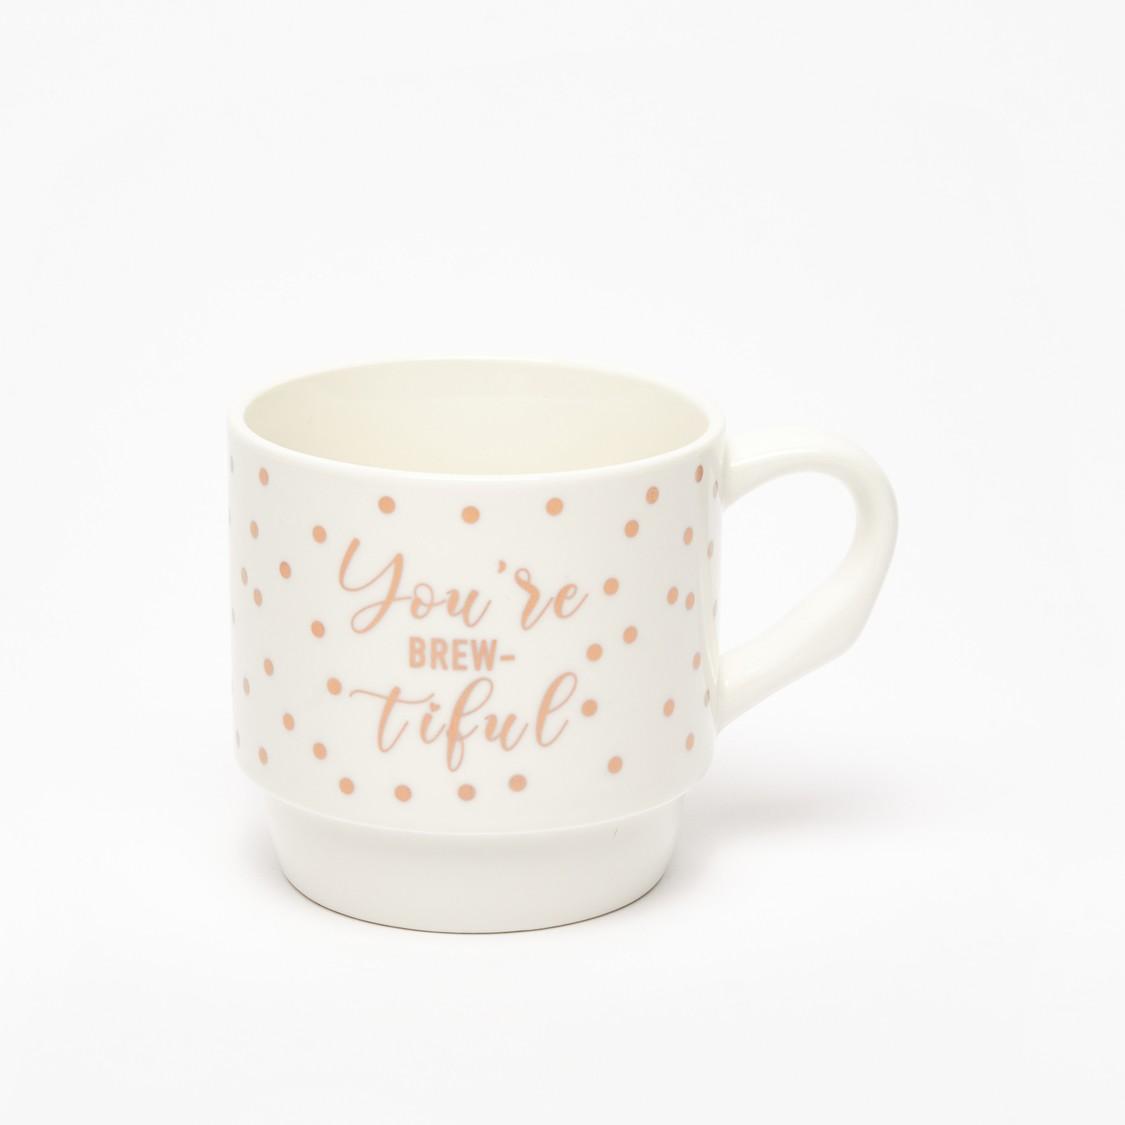 Set of 2 - Slogan Print Mug with Handle